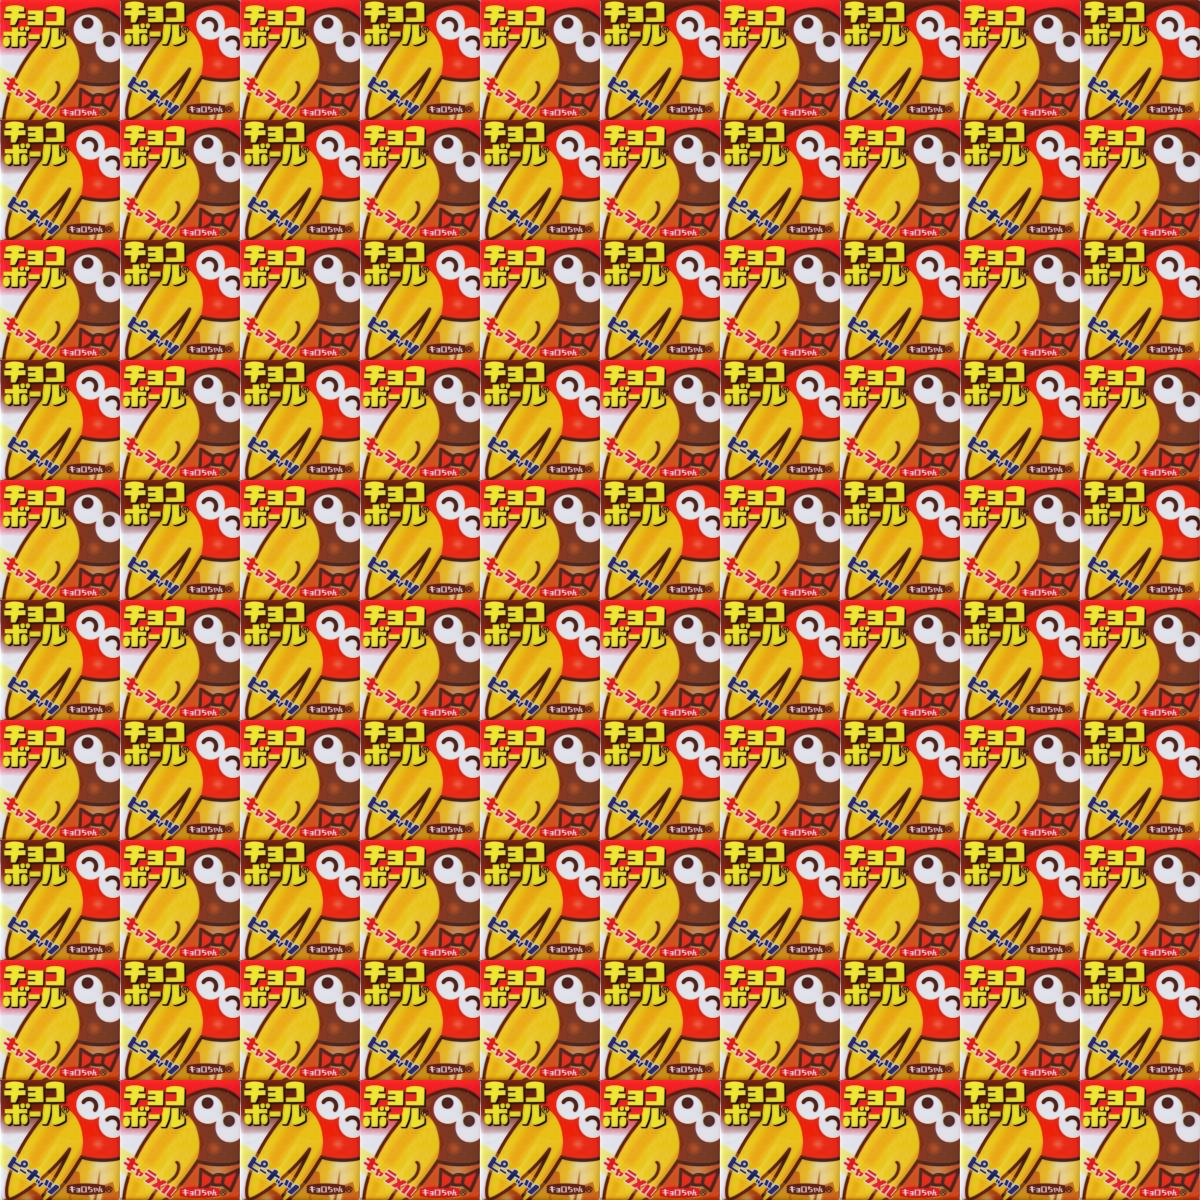 チロルチョコ・チョコボール味 1200x1200pix size